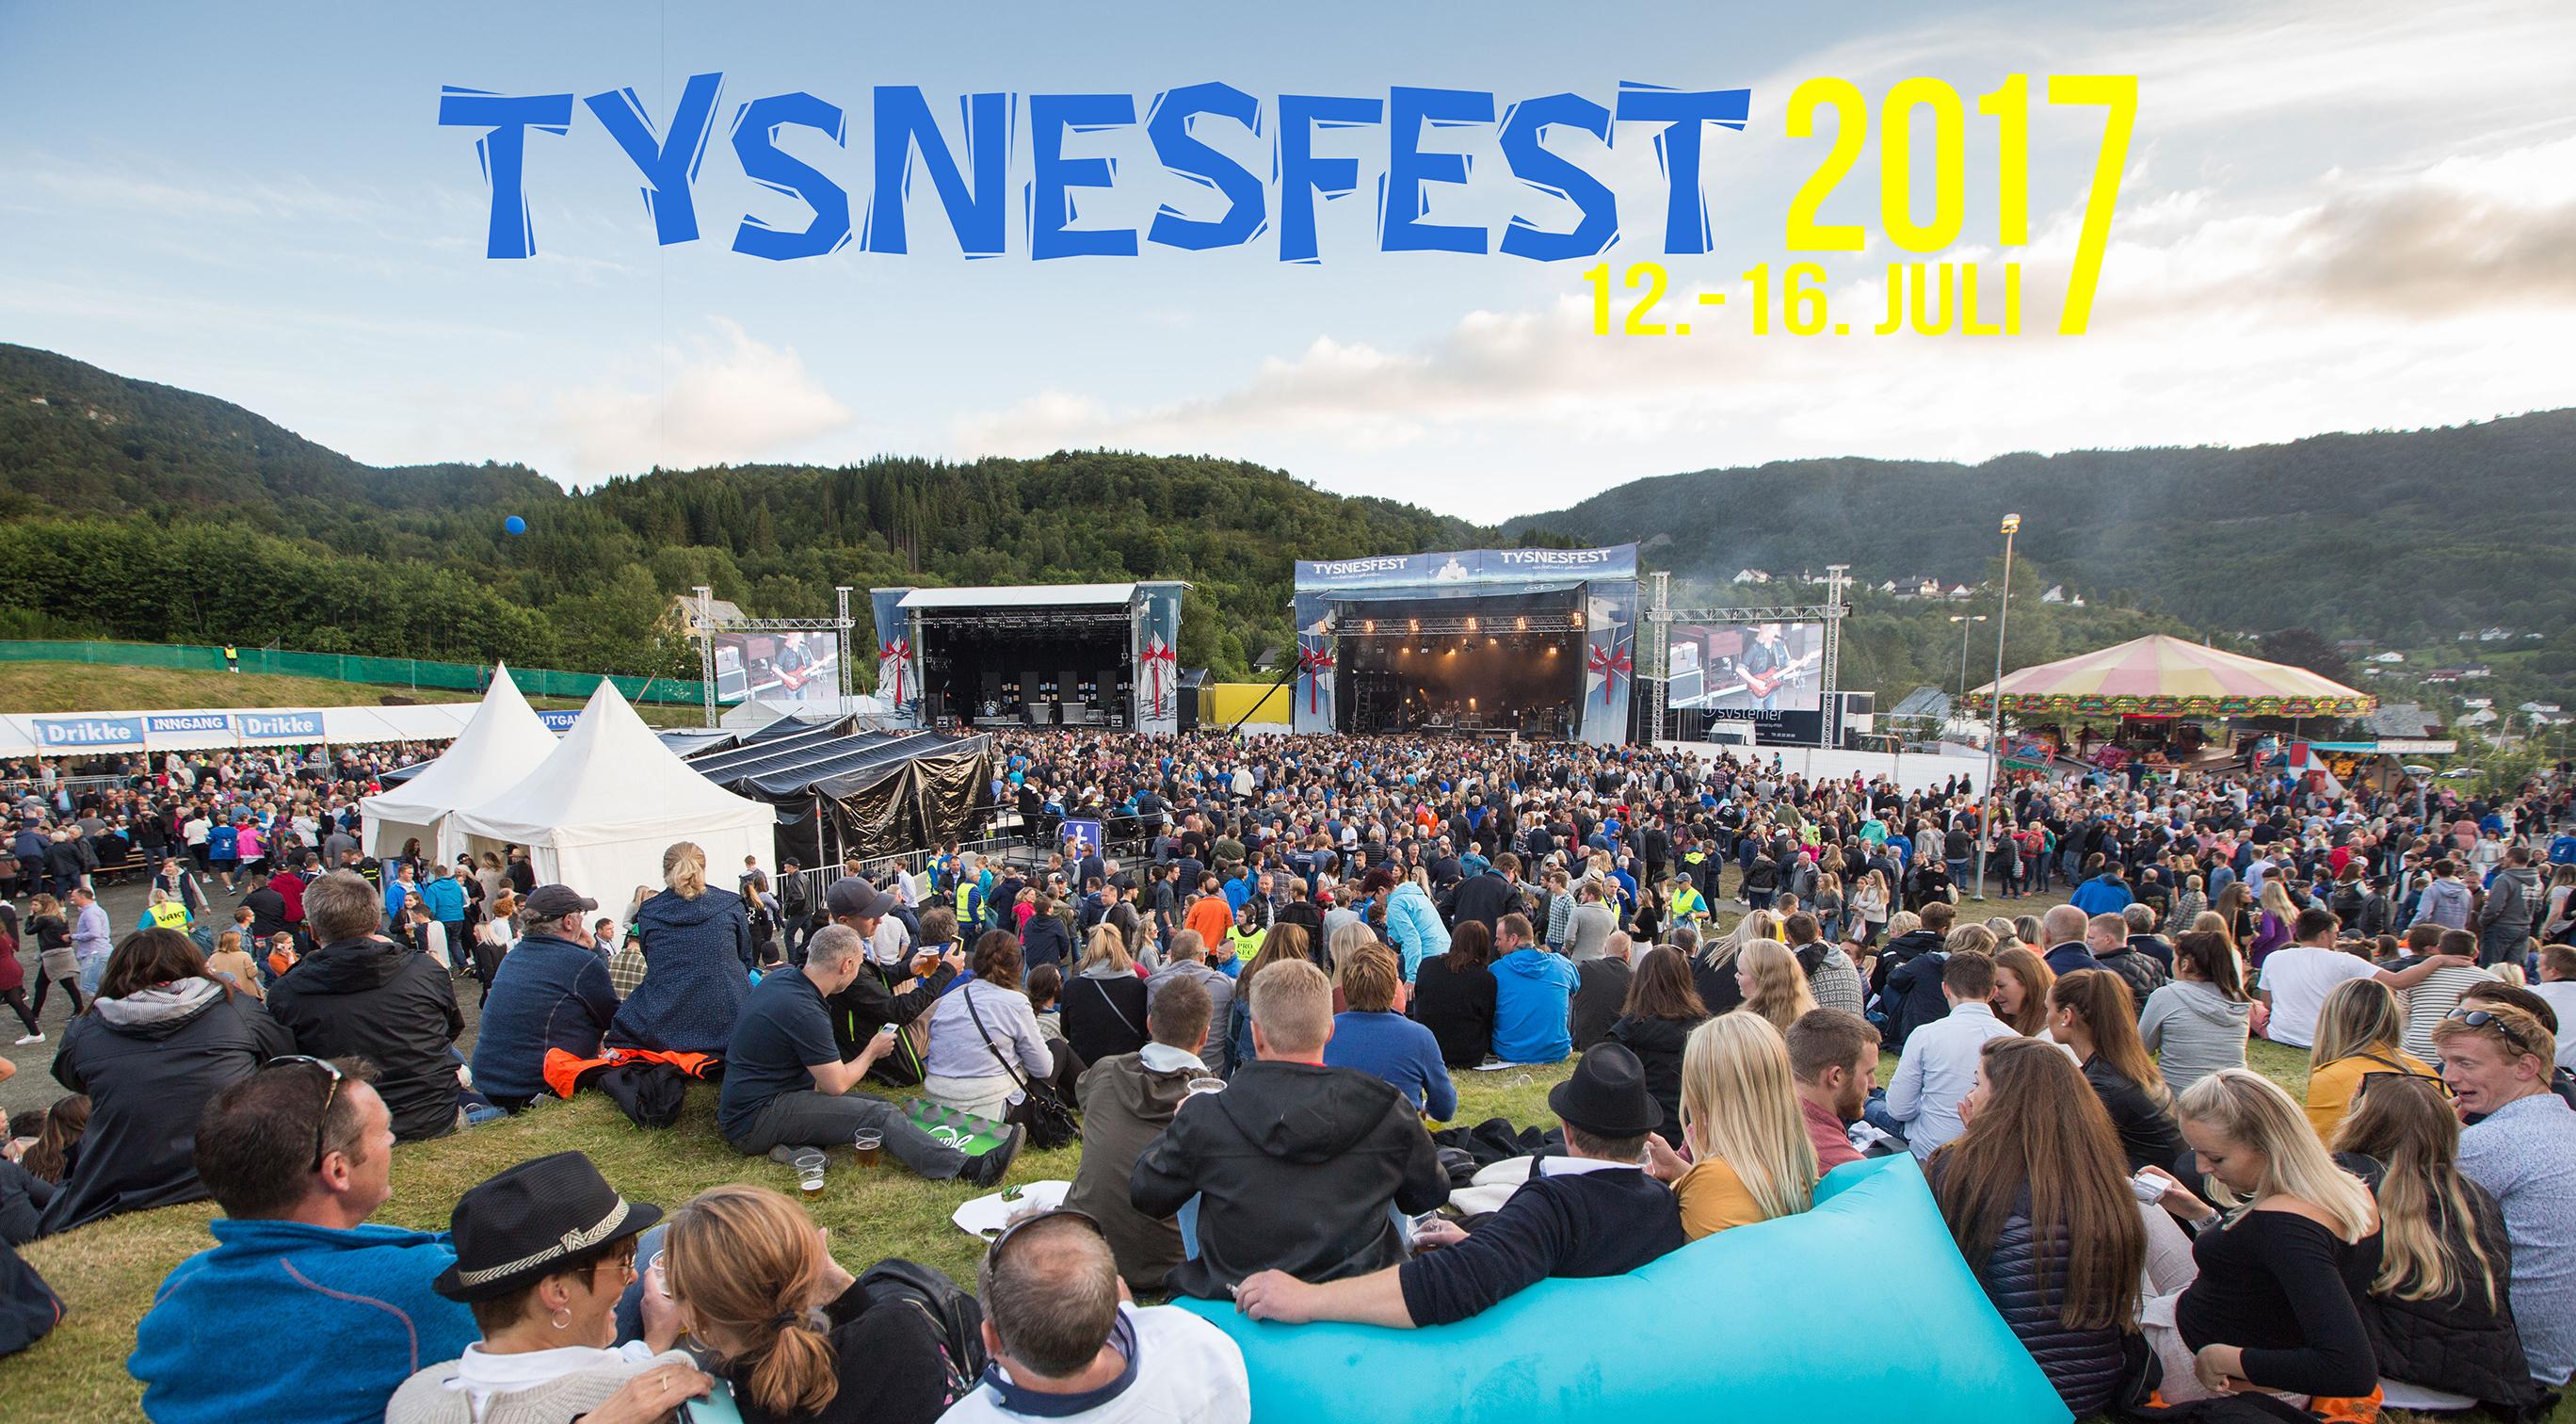 Tysnesfest 2017